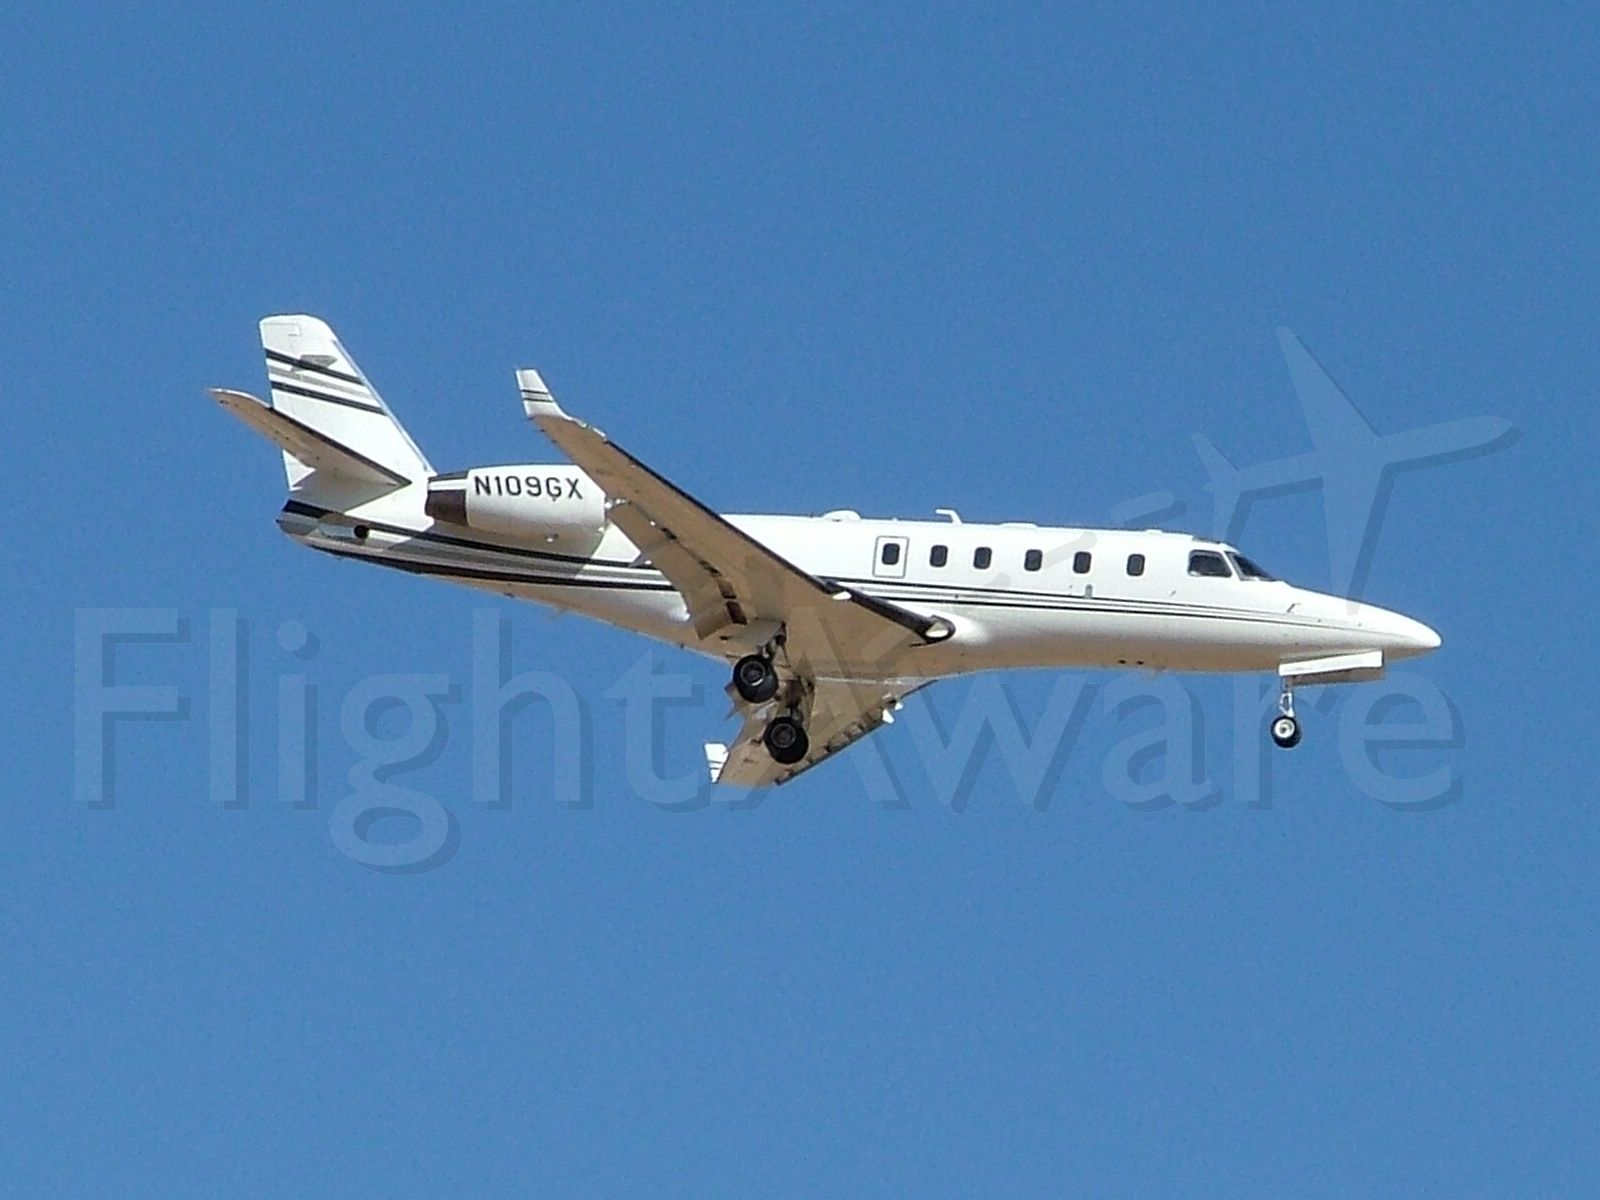 IAI Gulfstream G100 (N109GX)